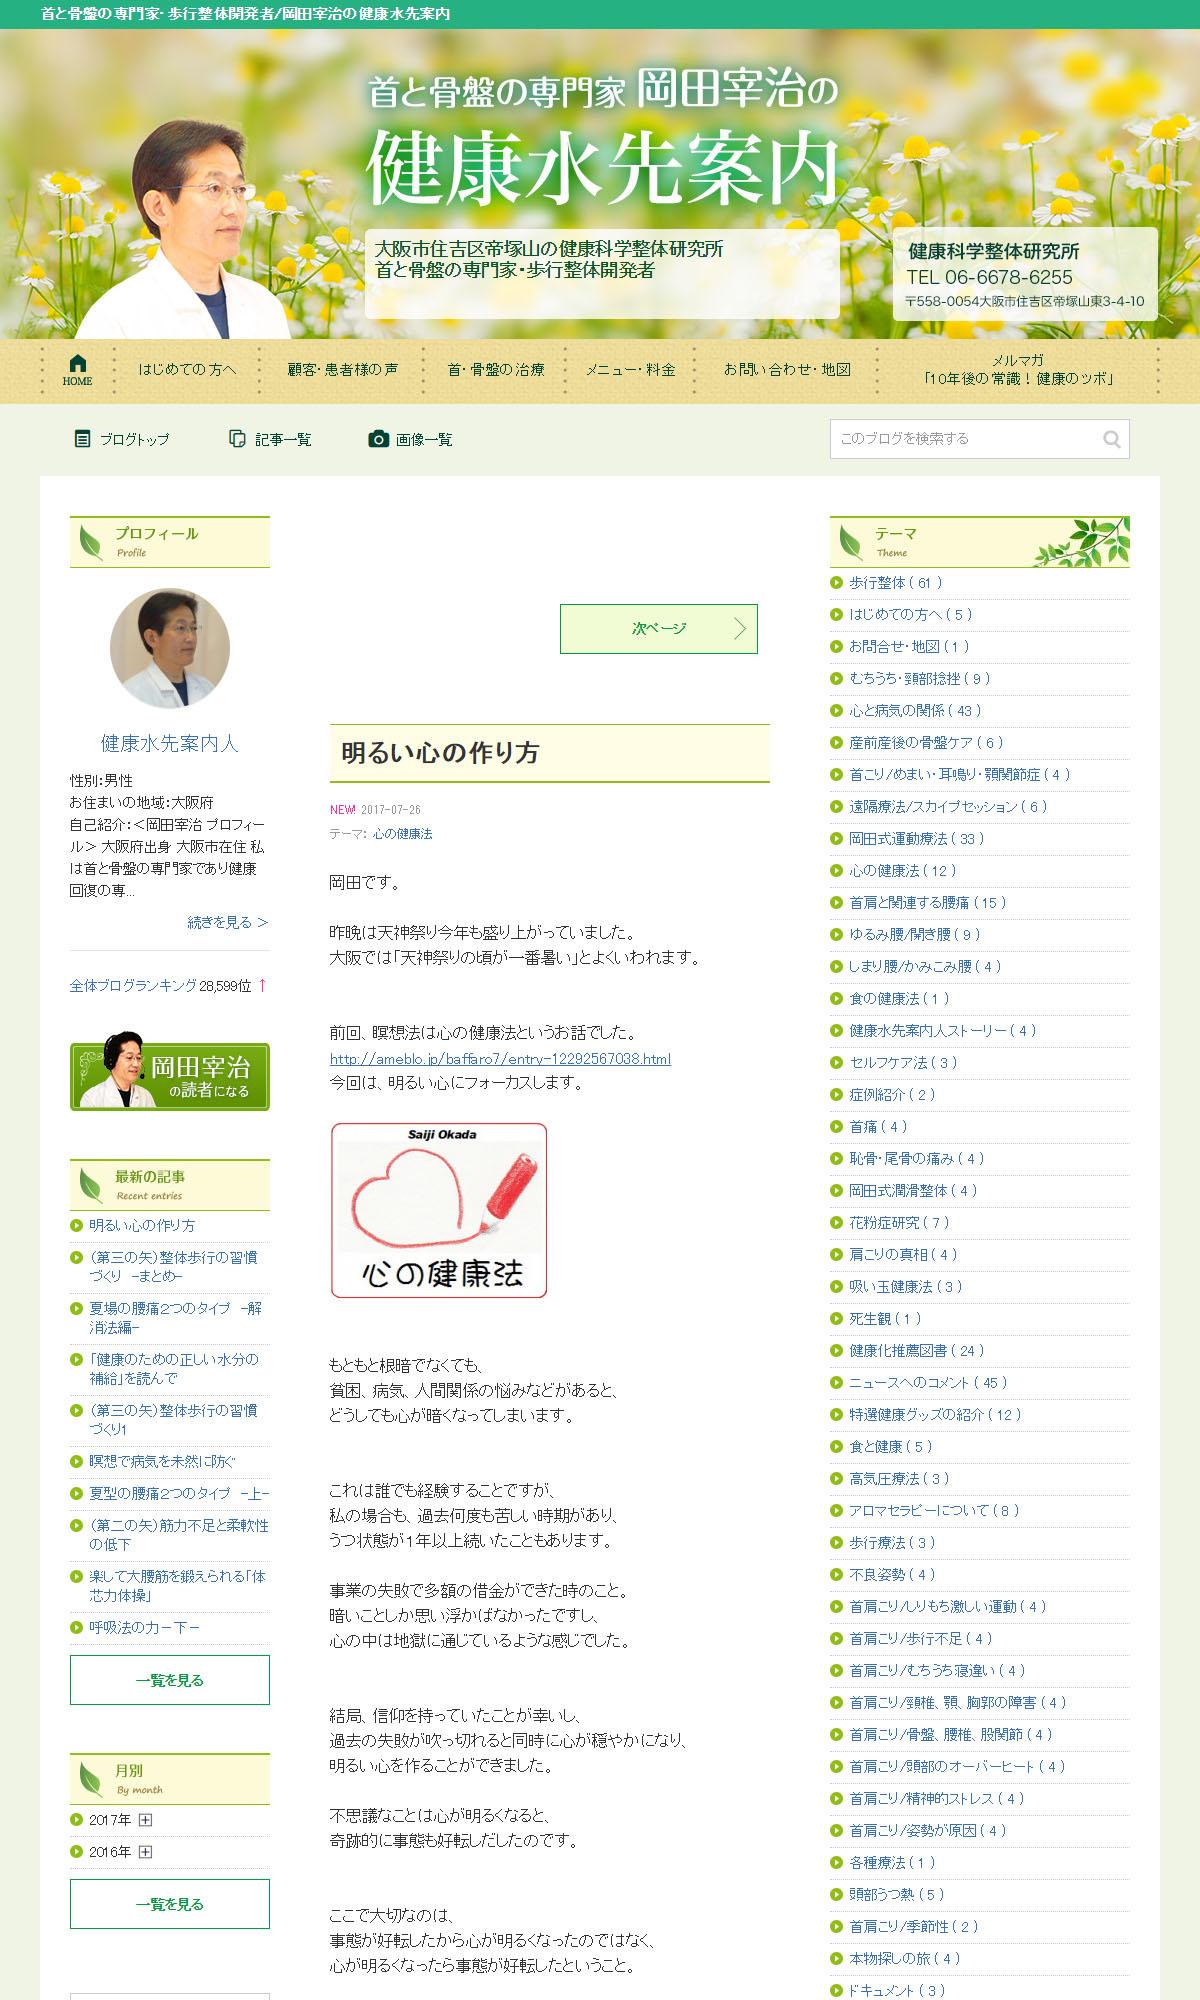 首と骨盤の専門家・歩行整体開発者/岡田宰治の健康水先案内